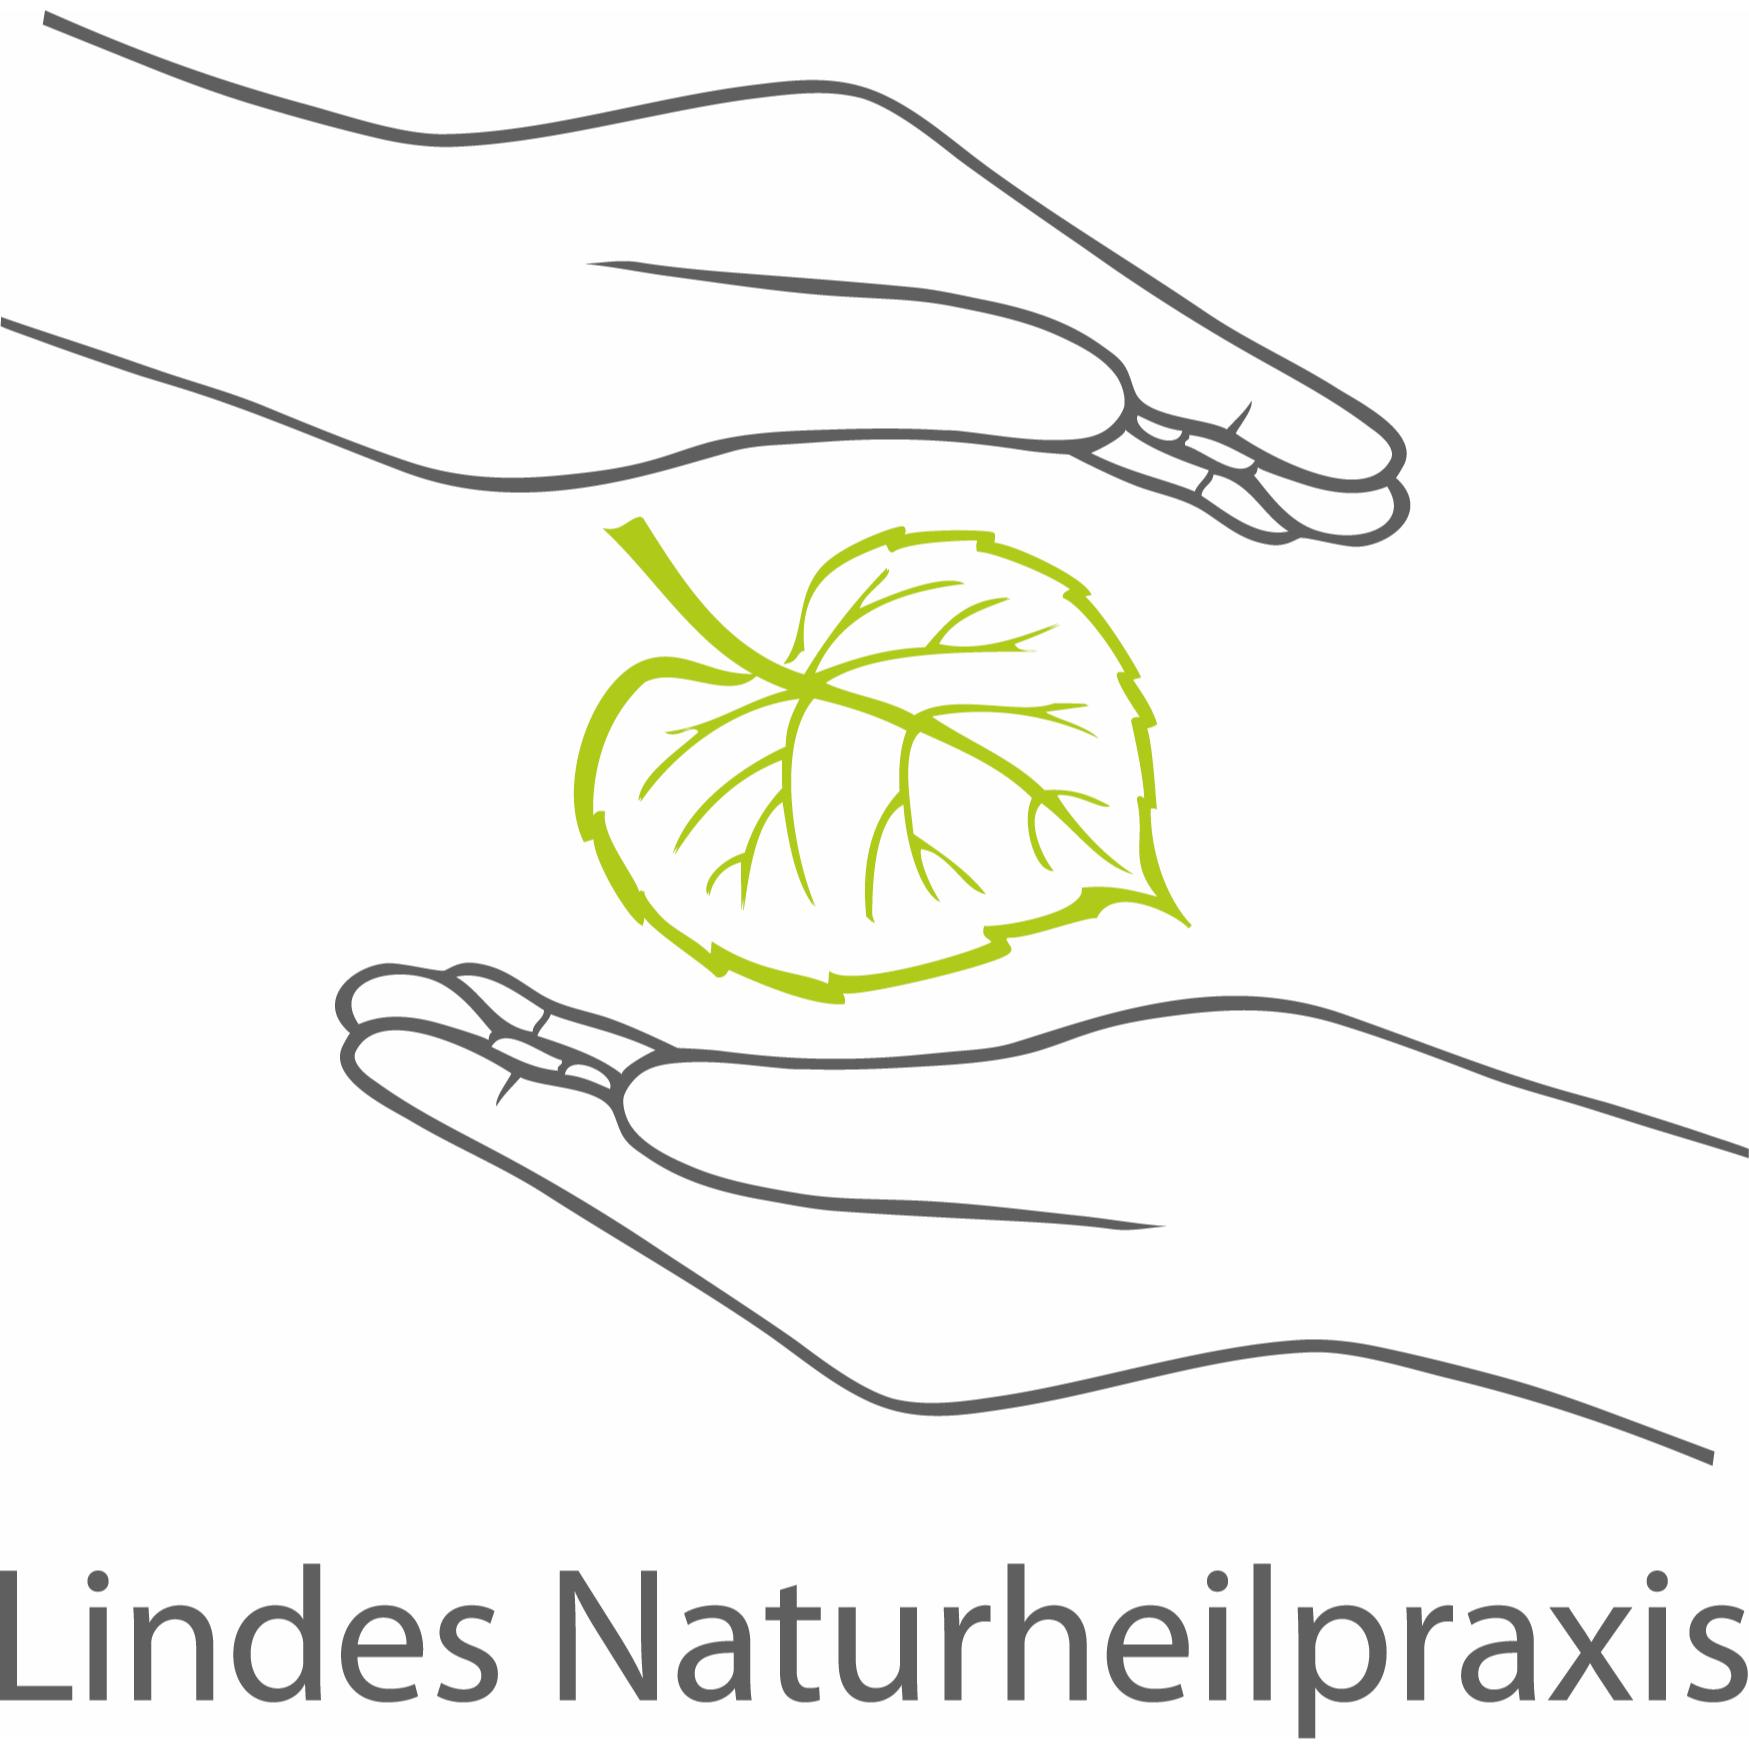 Lindes Naturheilpraxis